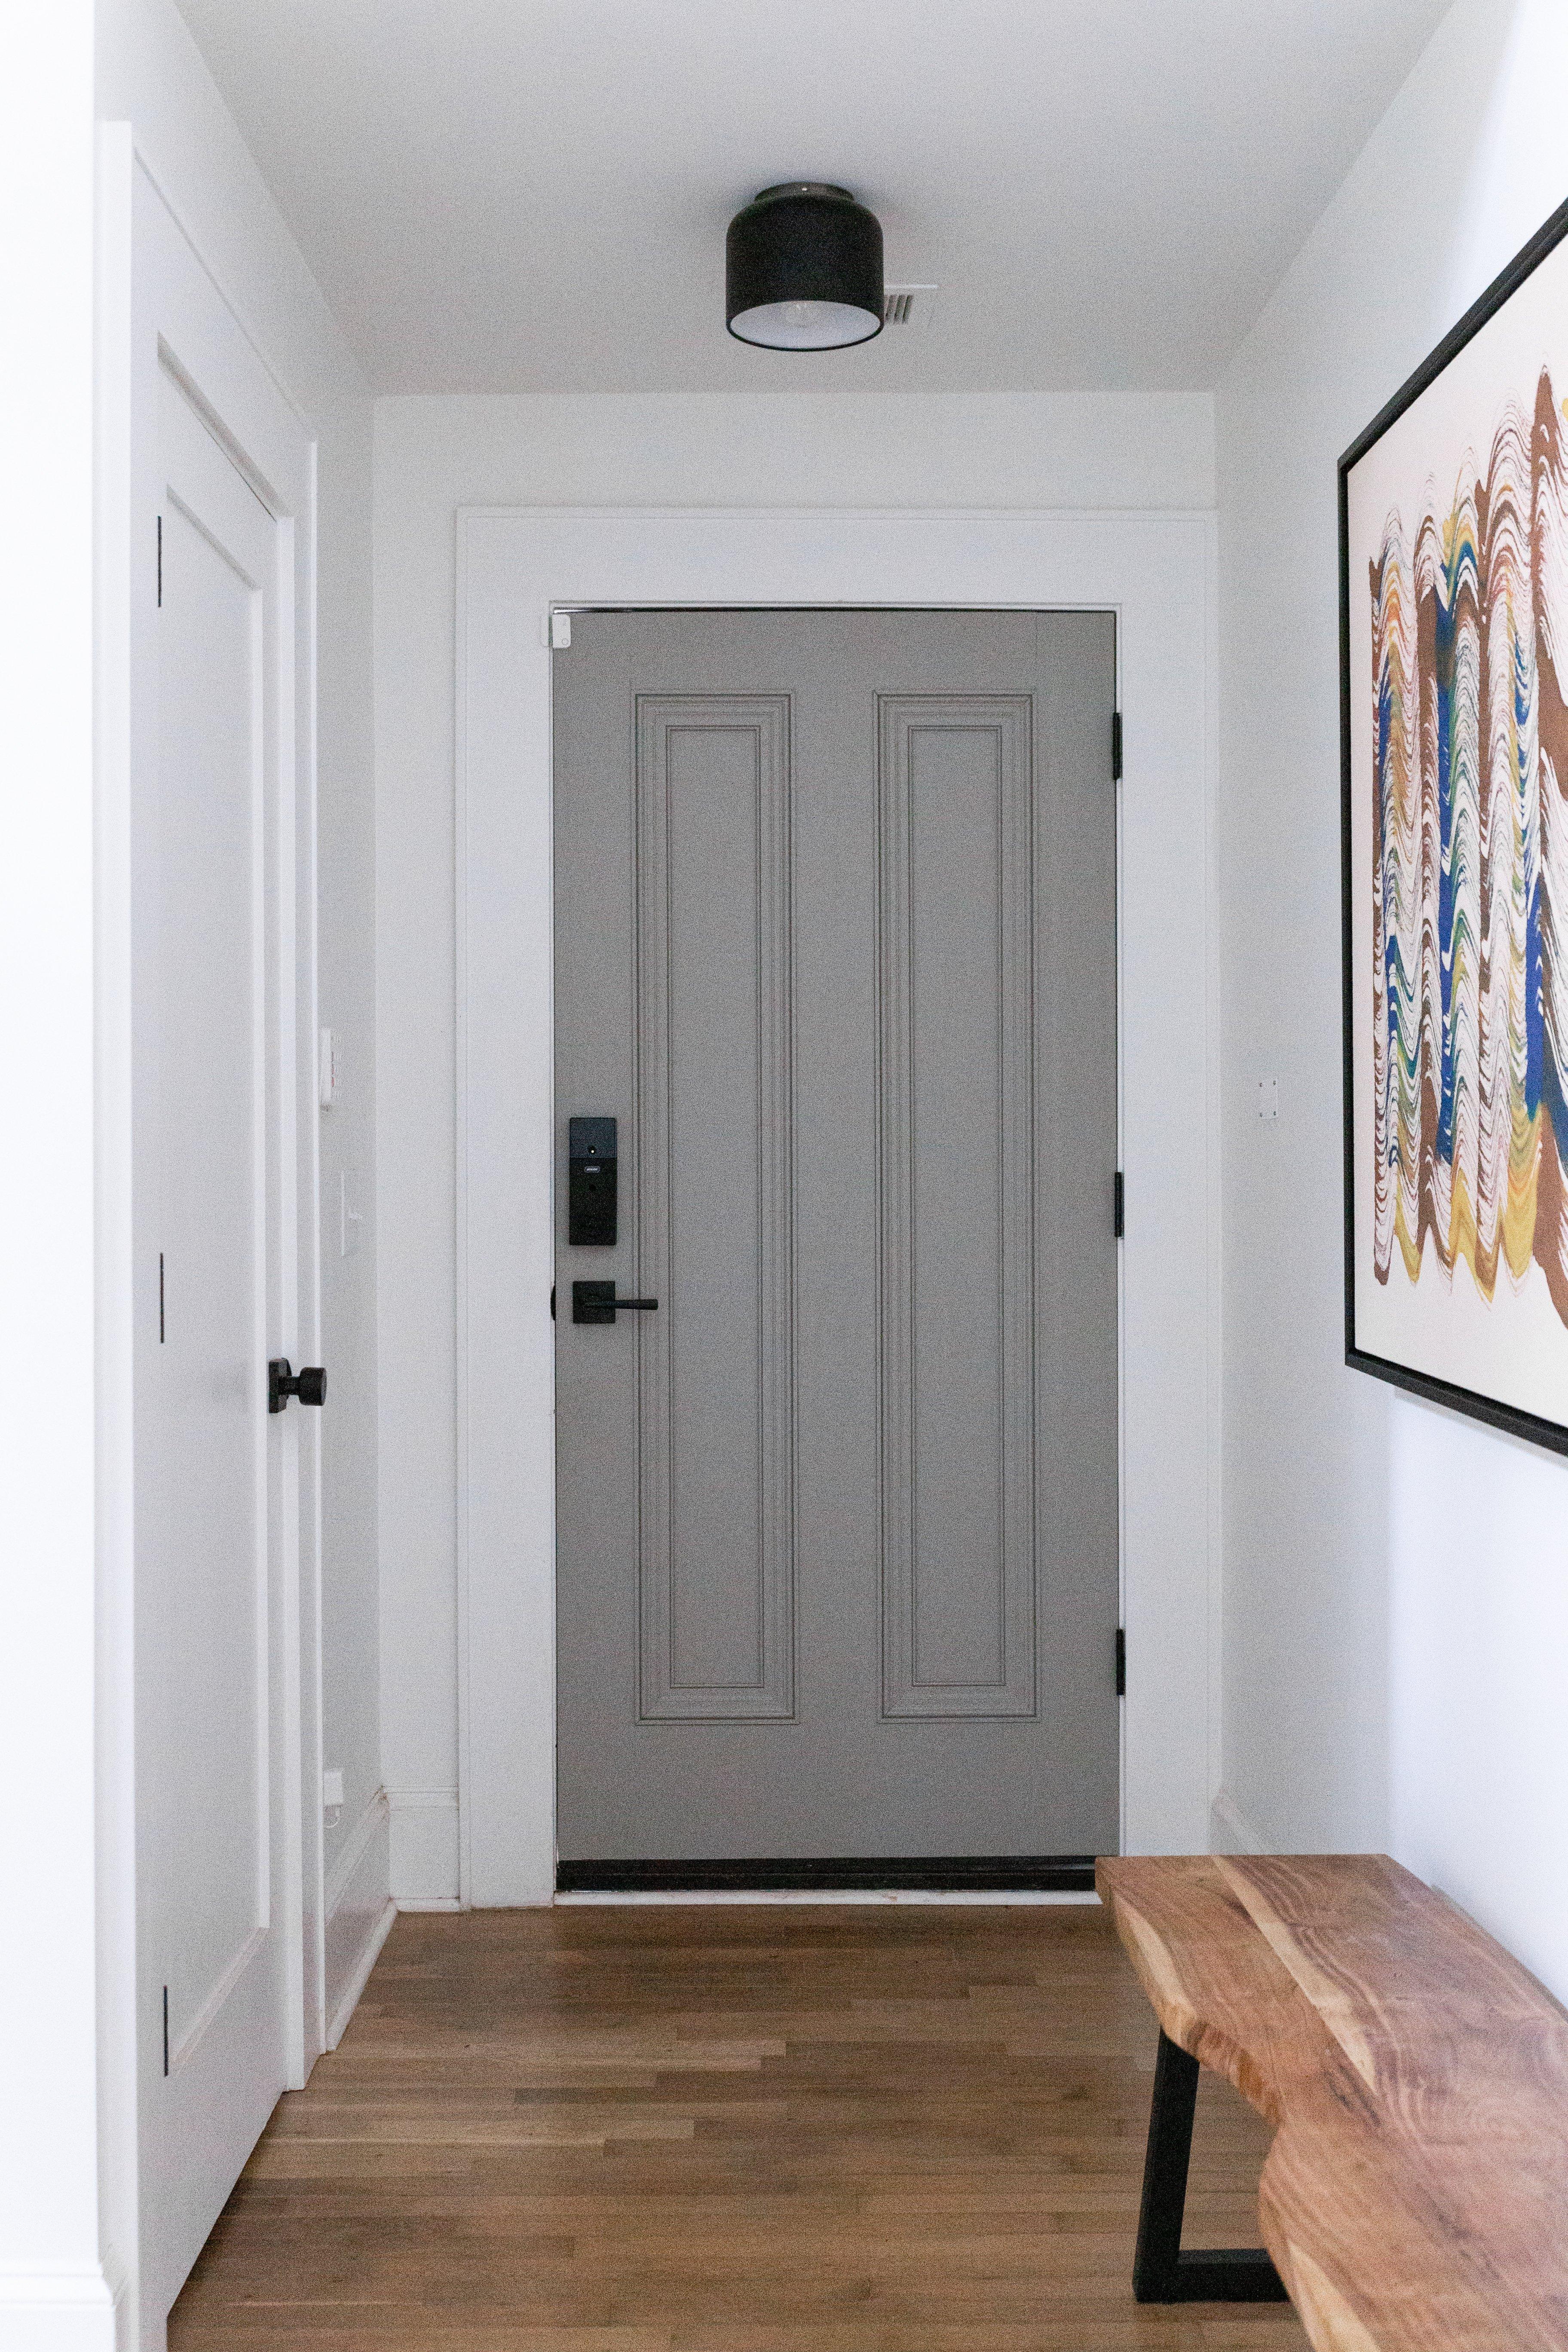 17 front door 20210721-IMG_0515.jpg